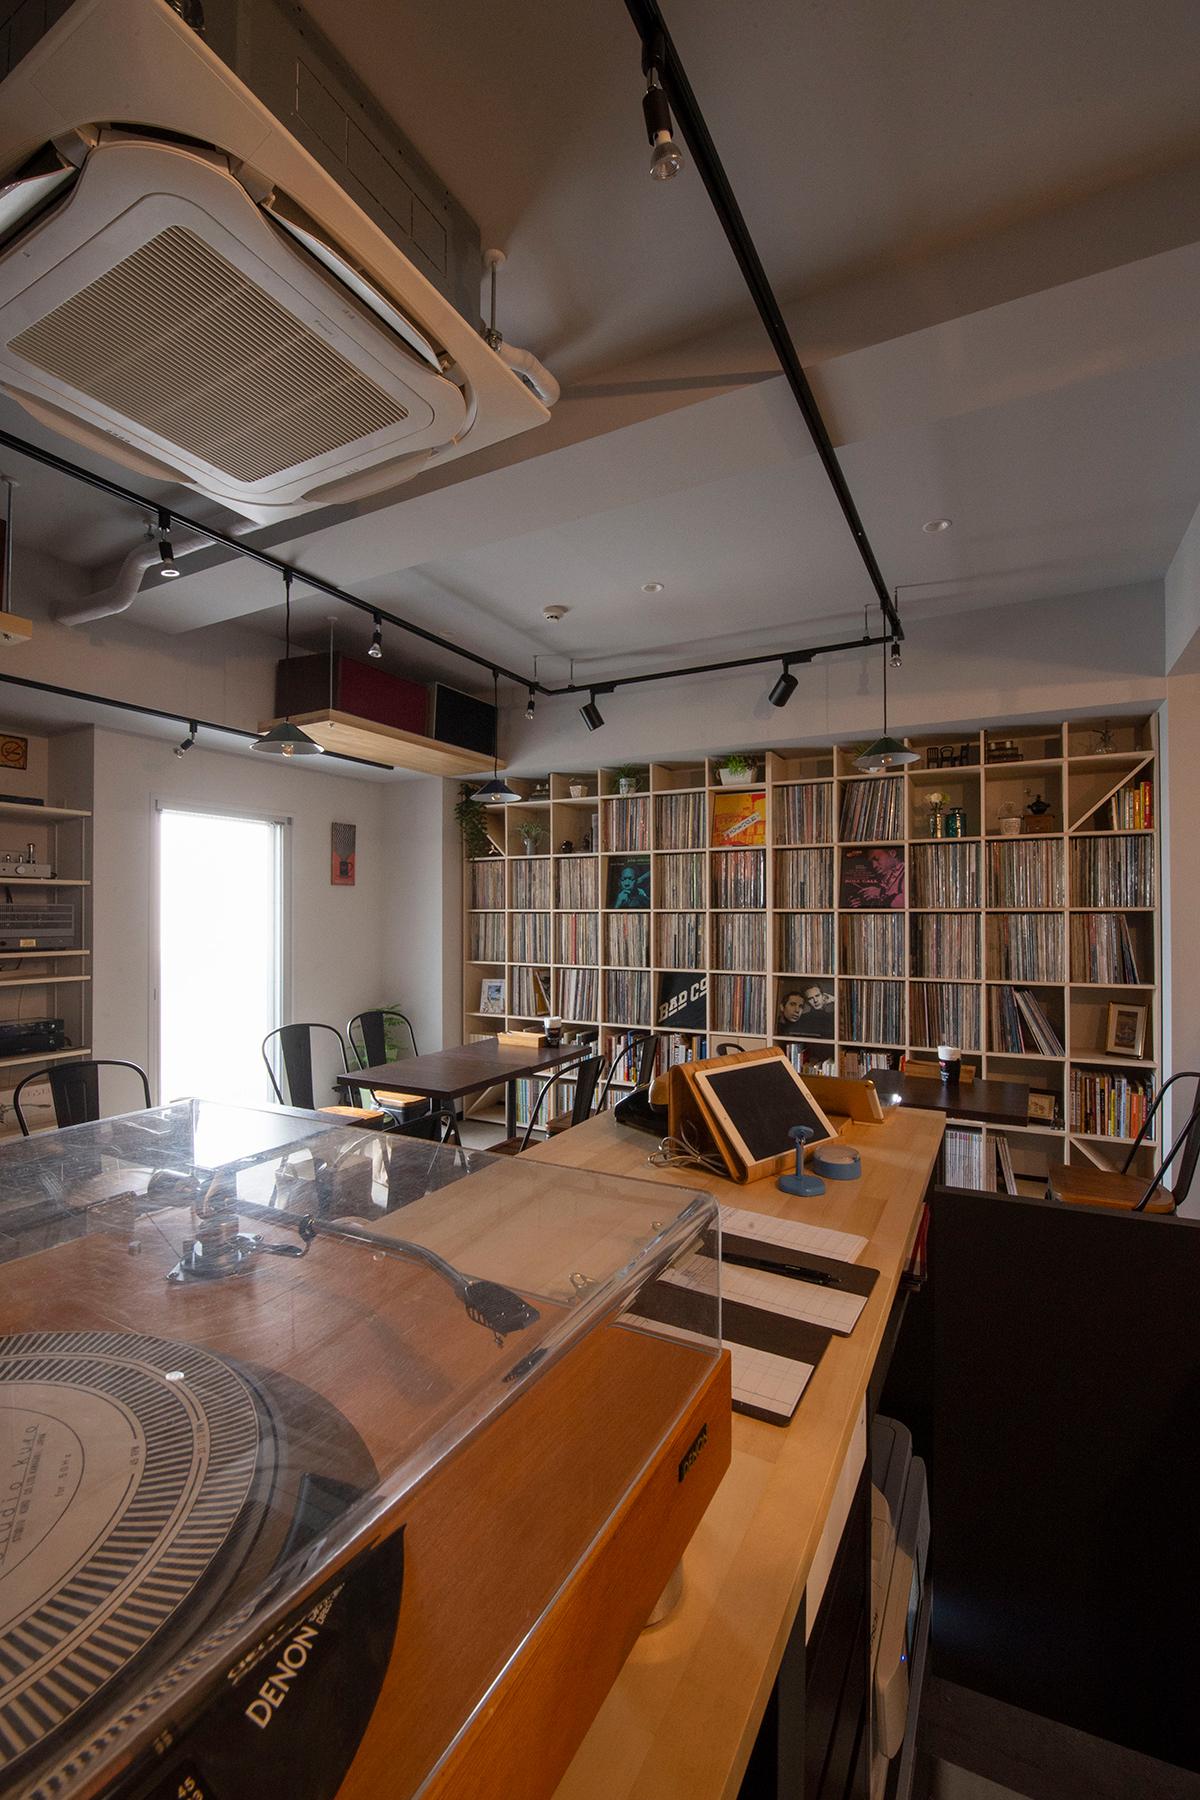 壁一面のLPレコードディスプレイ収納棚